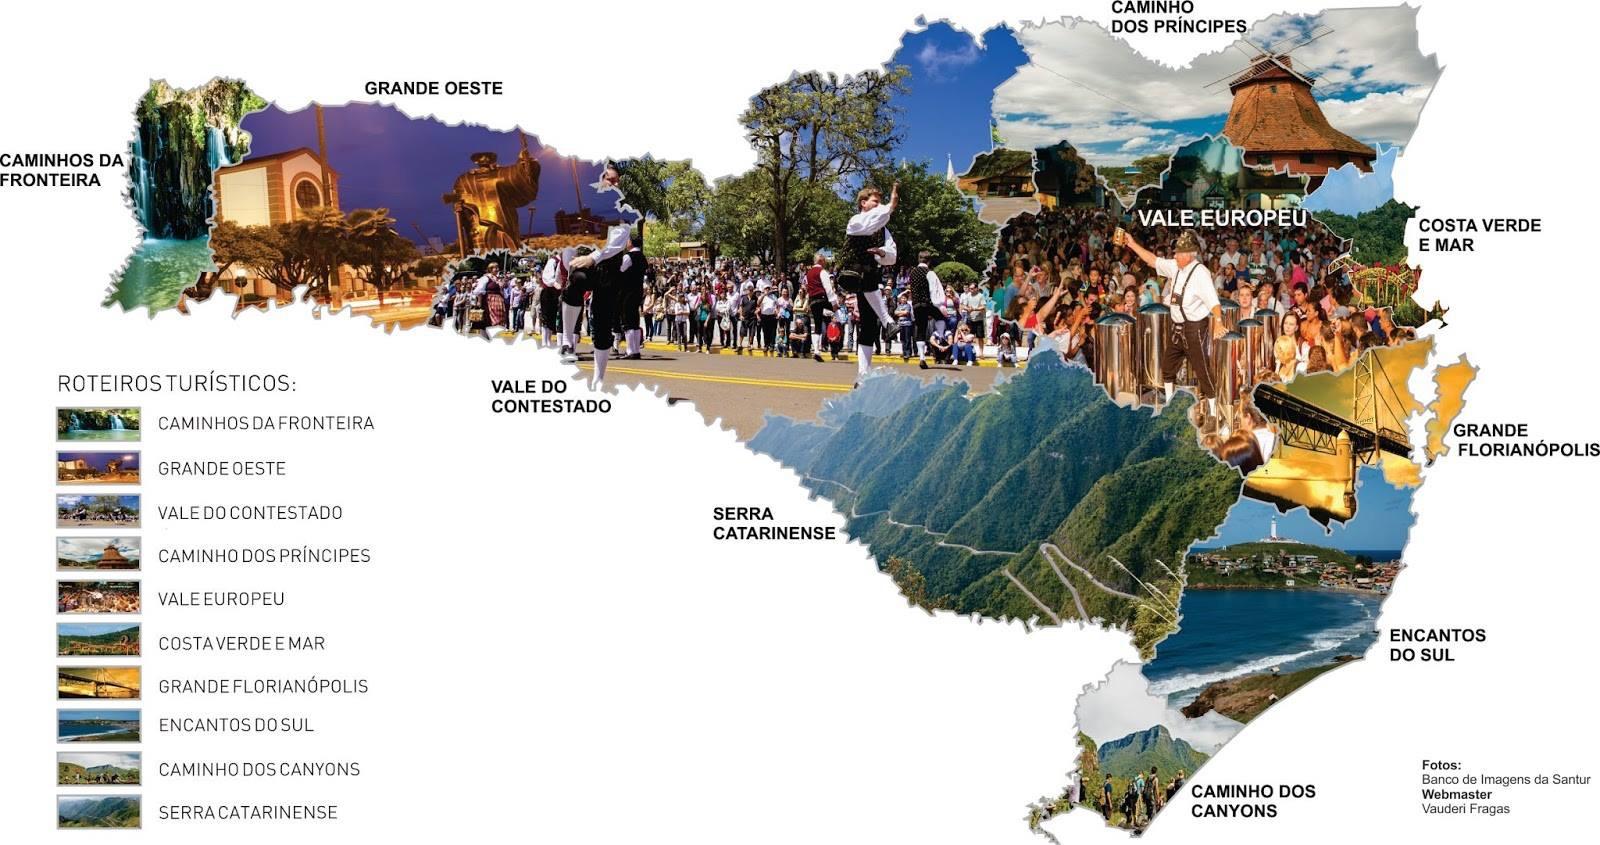 Mapa dos Roteiros Turísticos de Santa Catarina